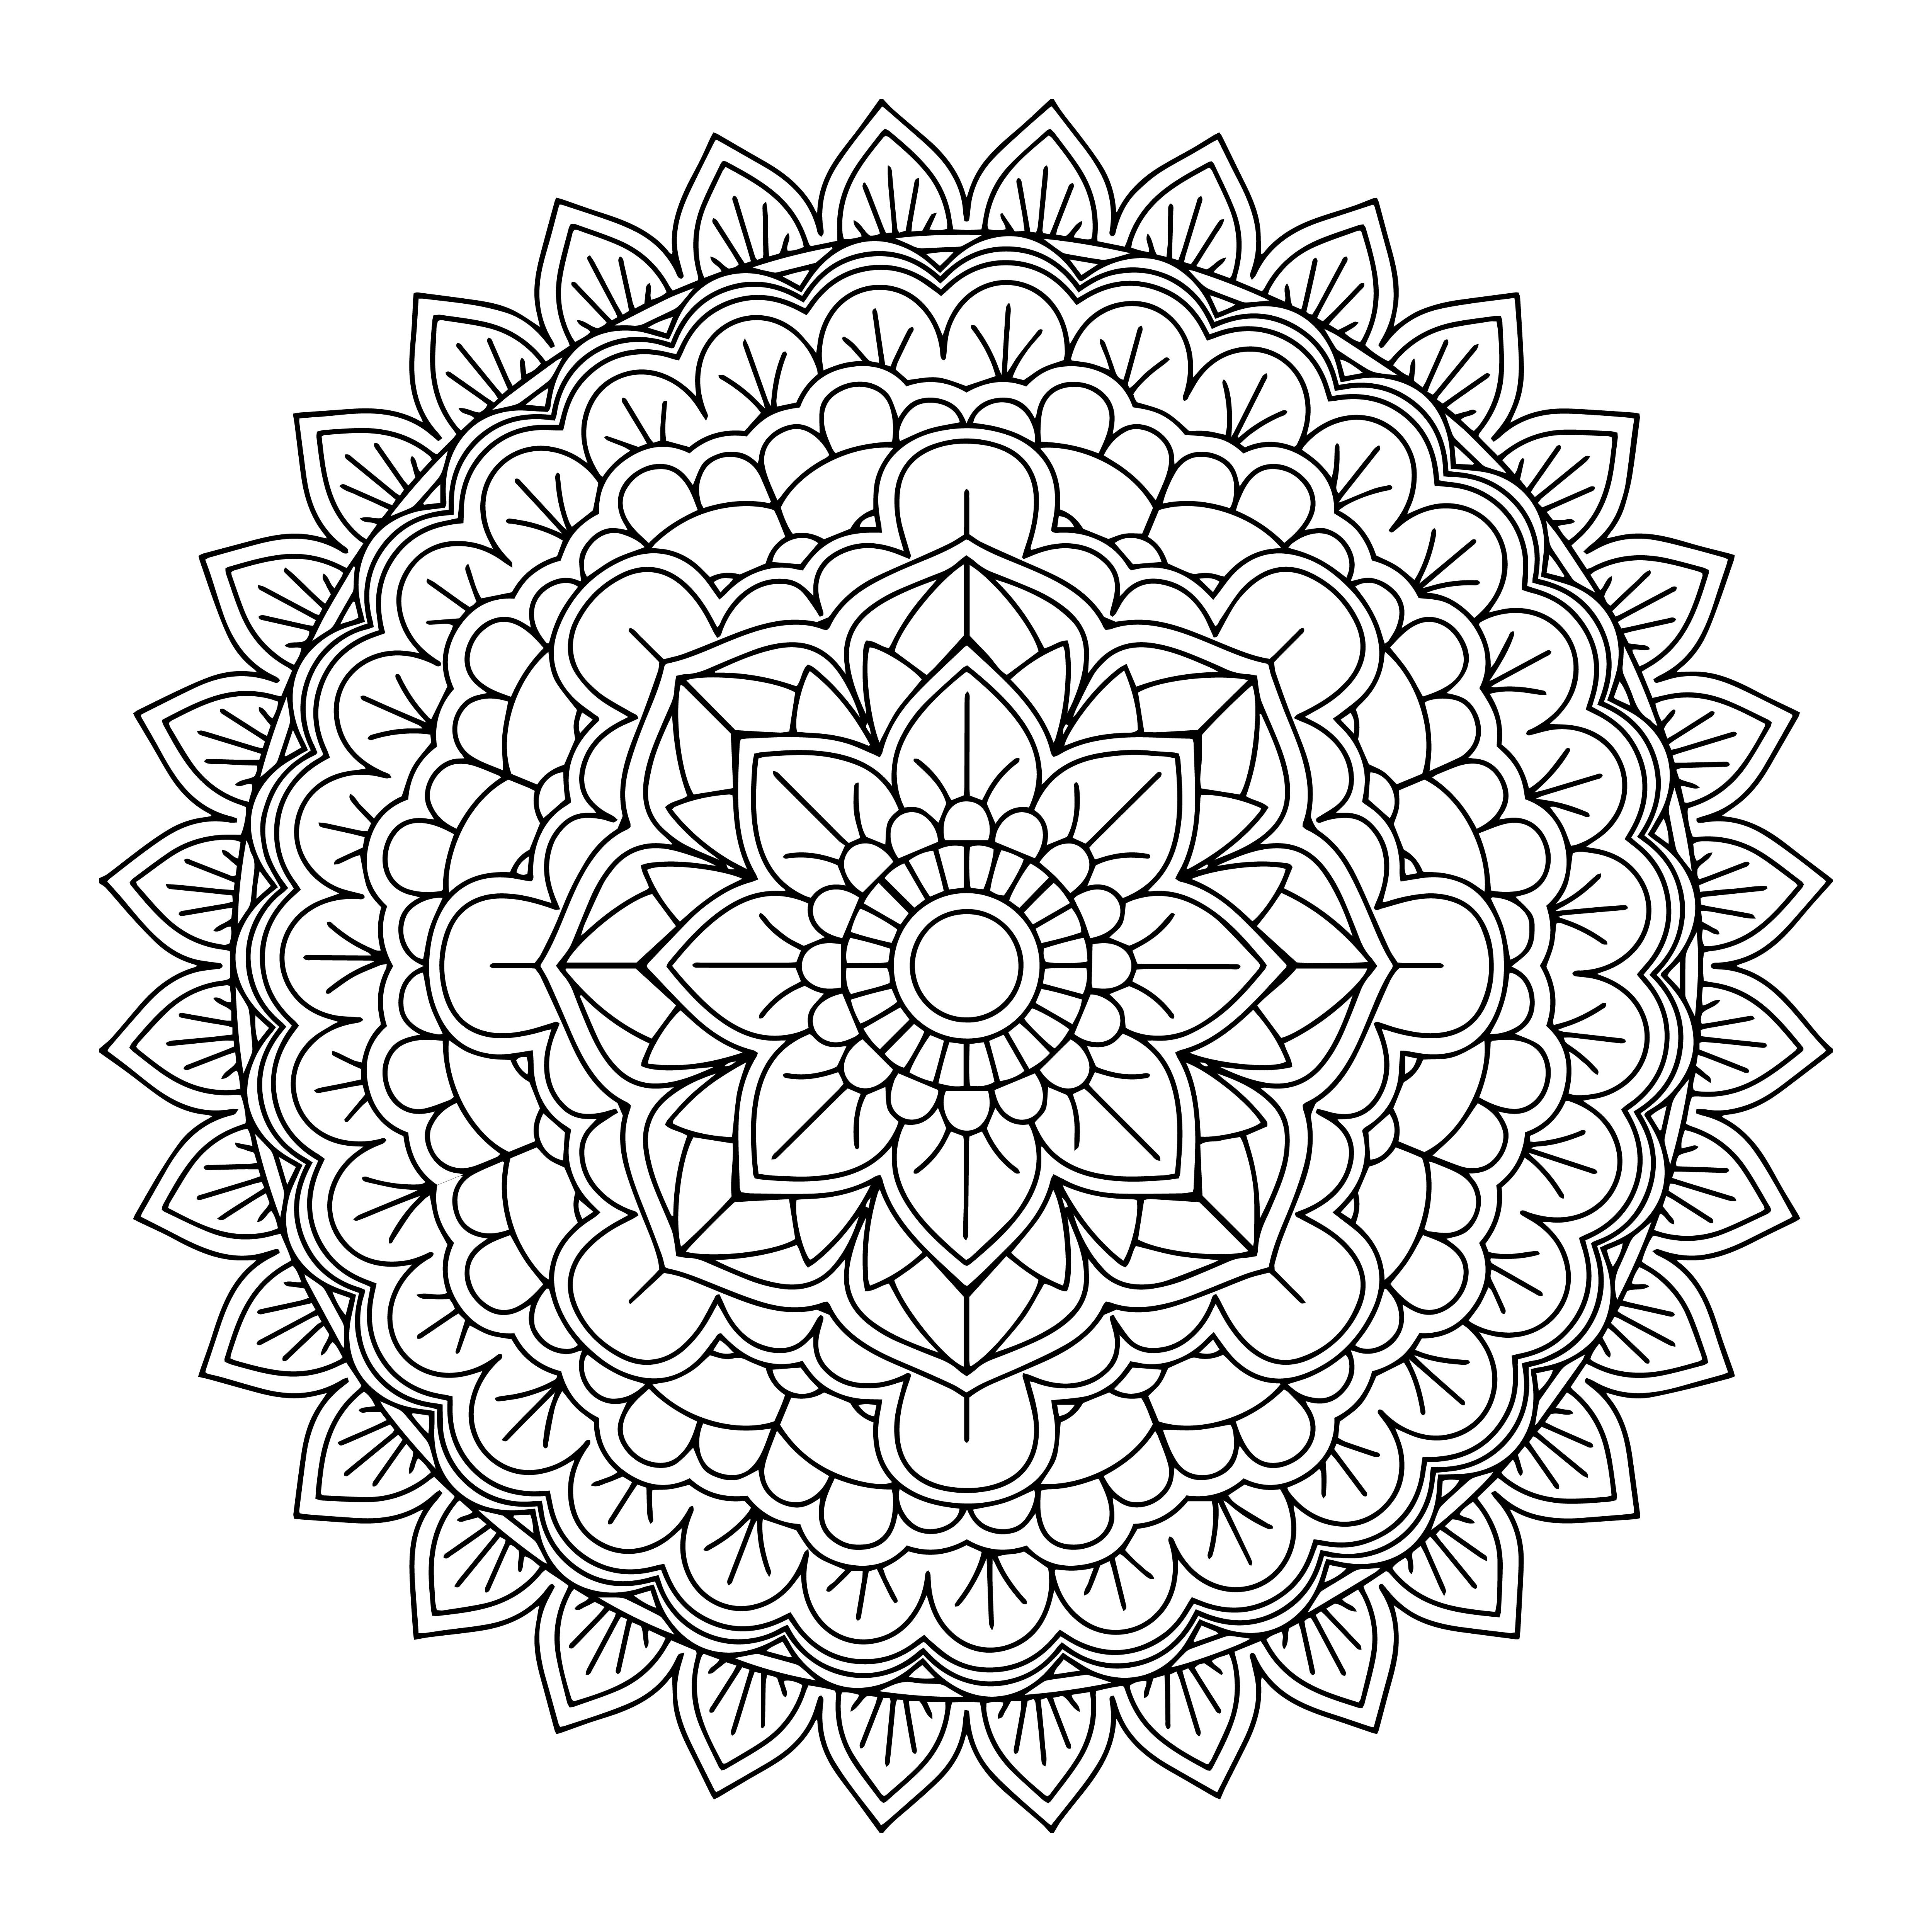 Decorative Mandala Design Download Free Vectors Clipart